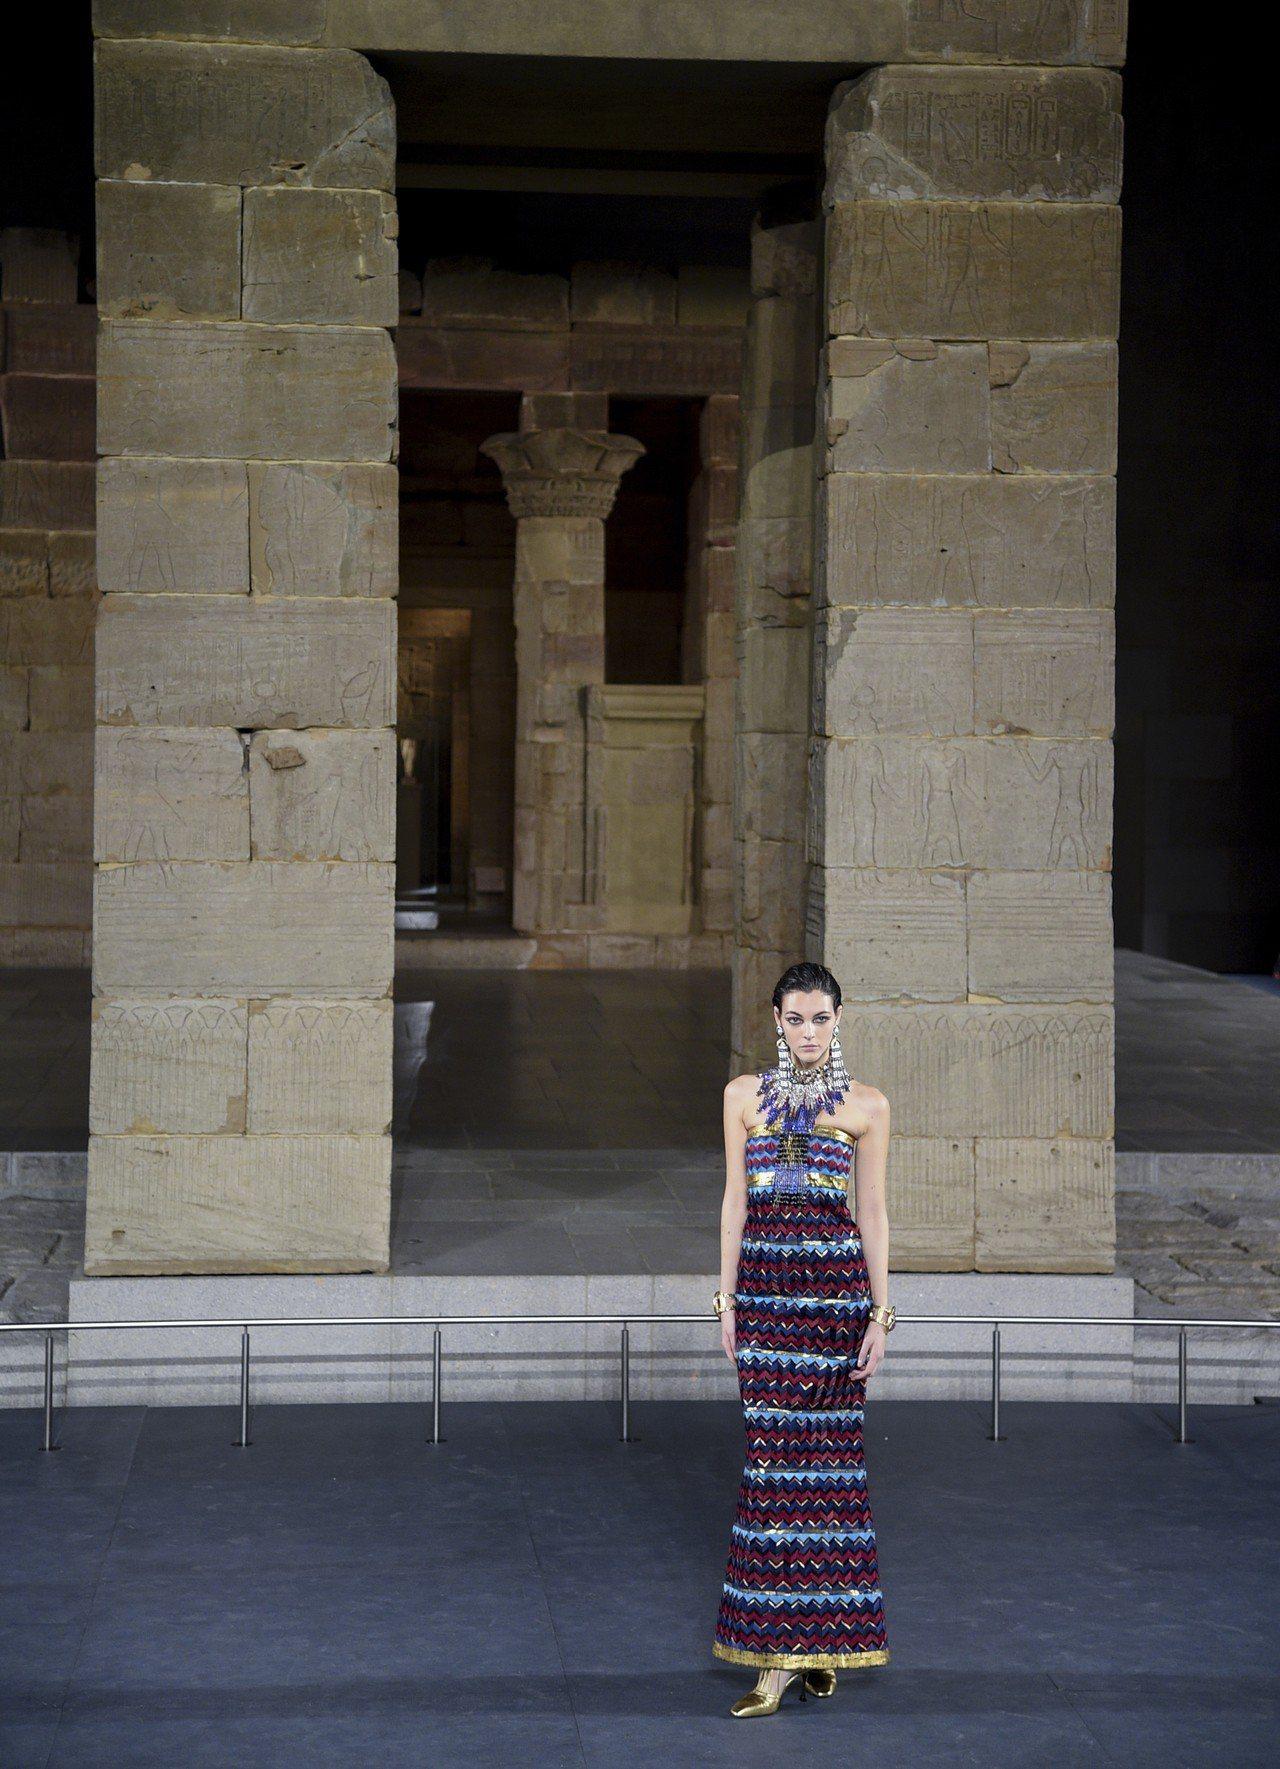 以往我們在埃及相關展覽中看到歷經風霜的文物所無法呈現出的細膩與奢華作工,透過香奈...